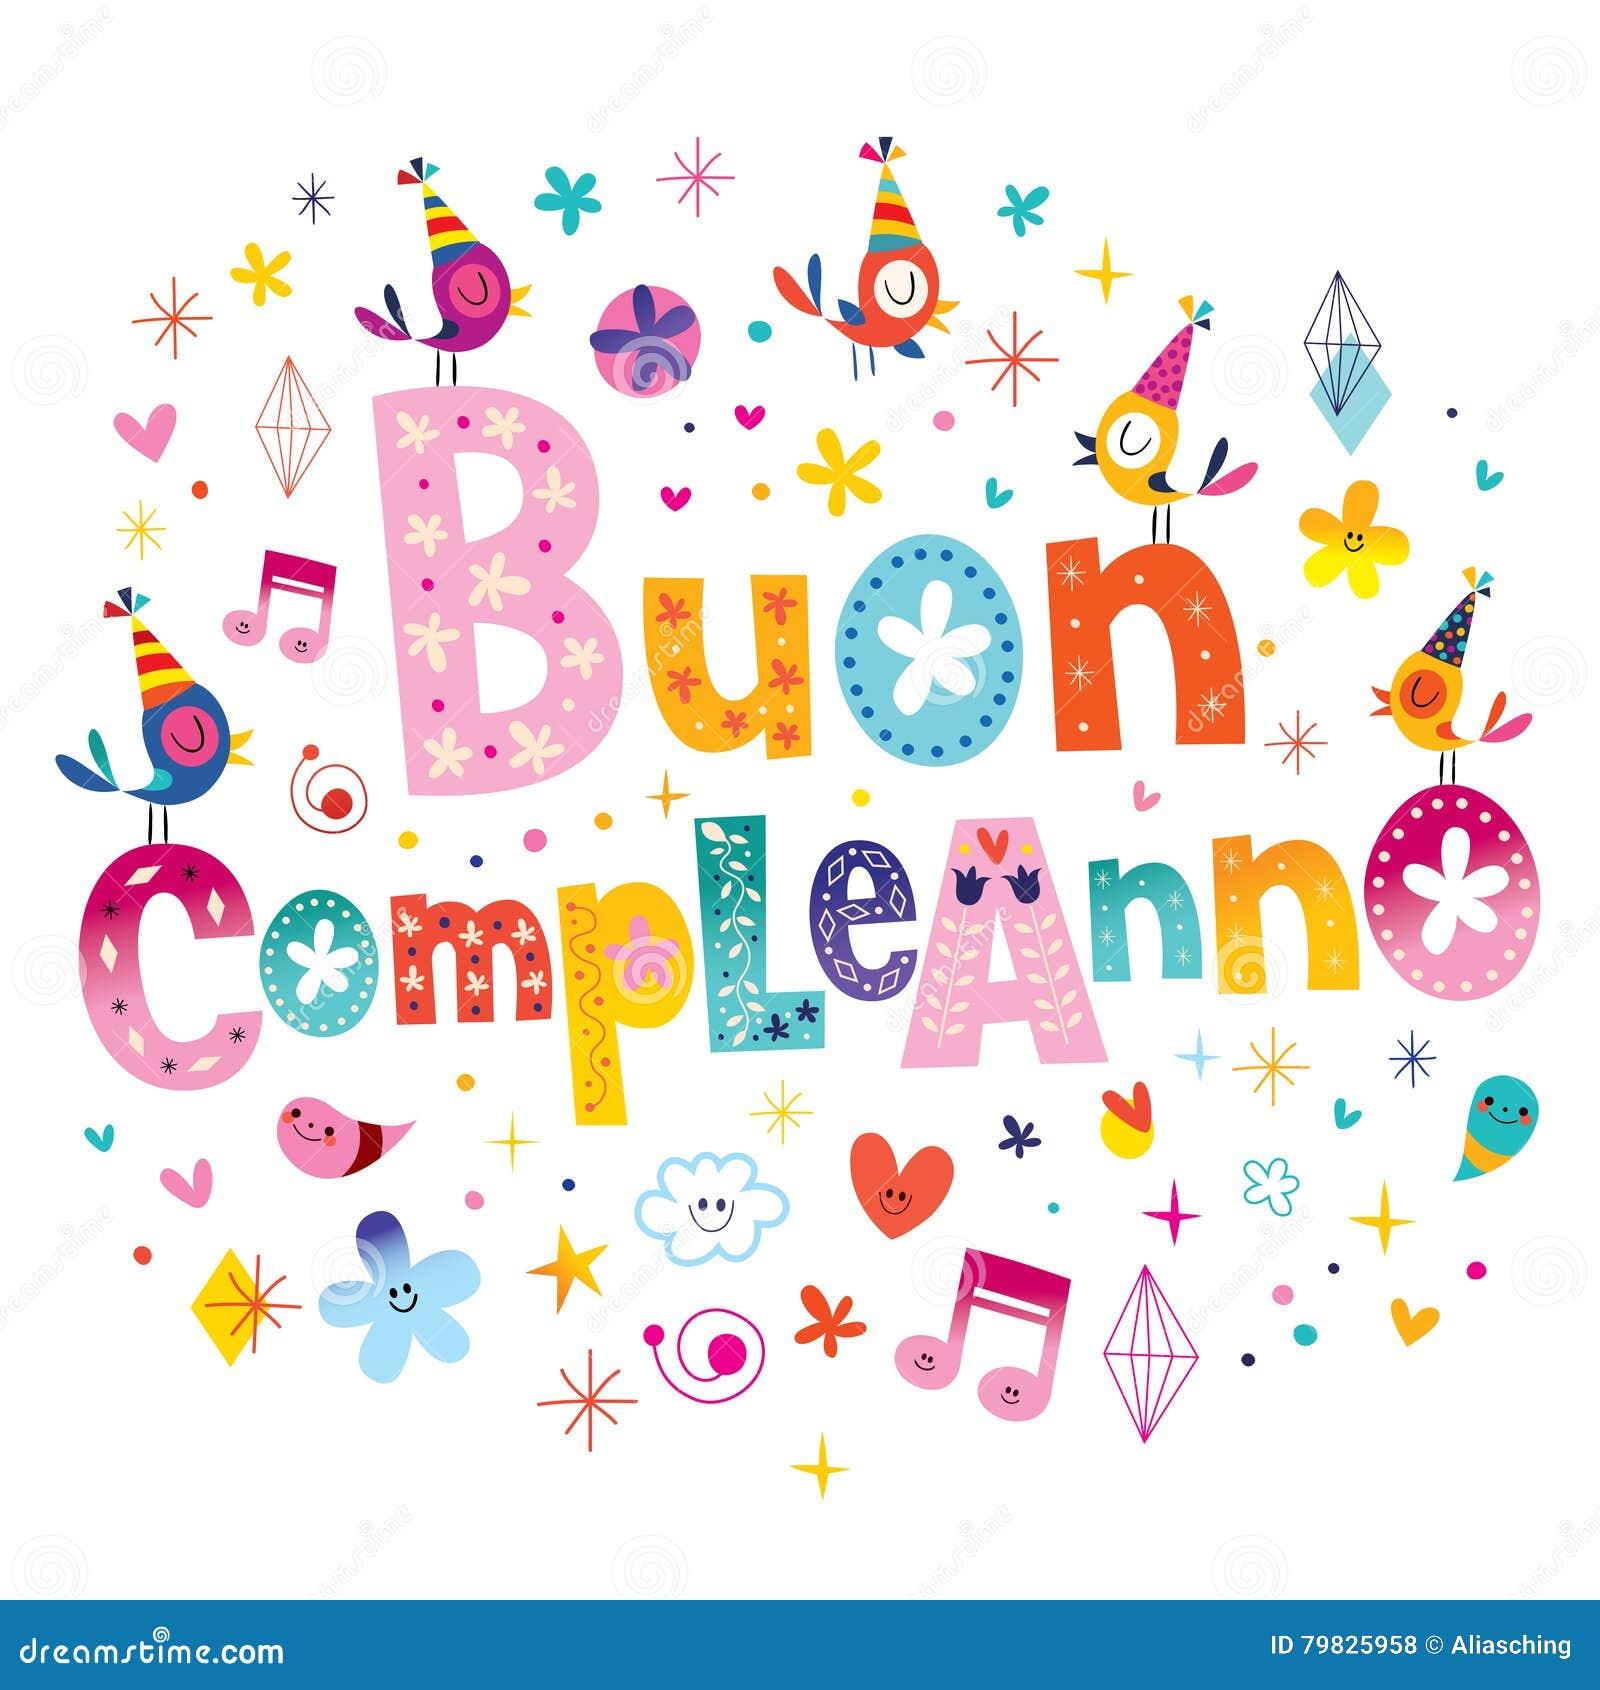 Buon compleanno alles gute zum geburtstag auf italienisch - Gute besserung italienisch ...